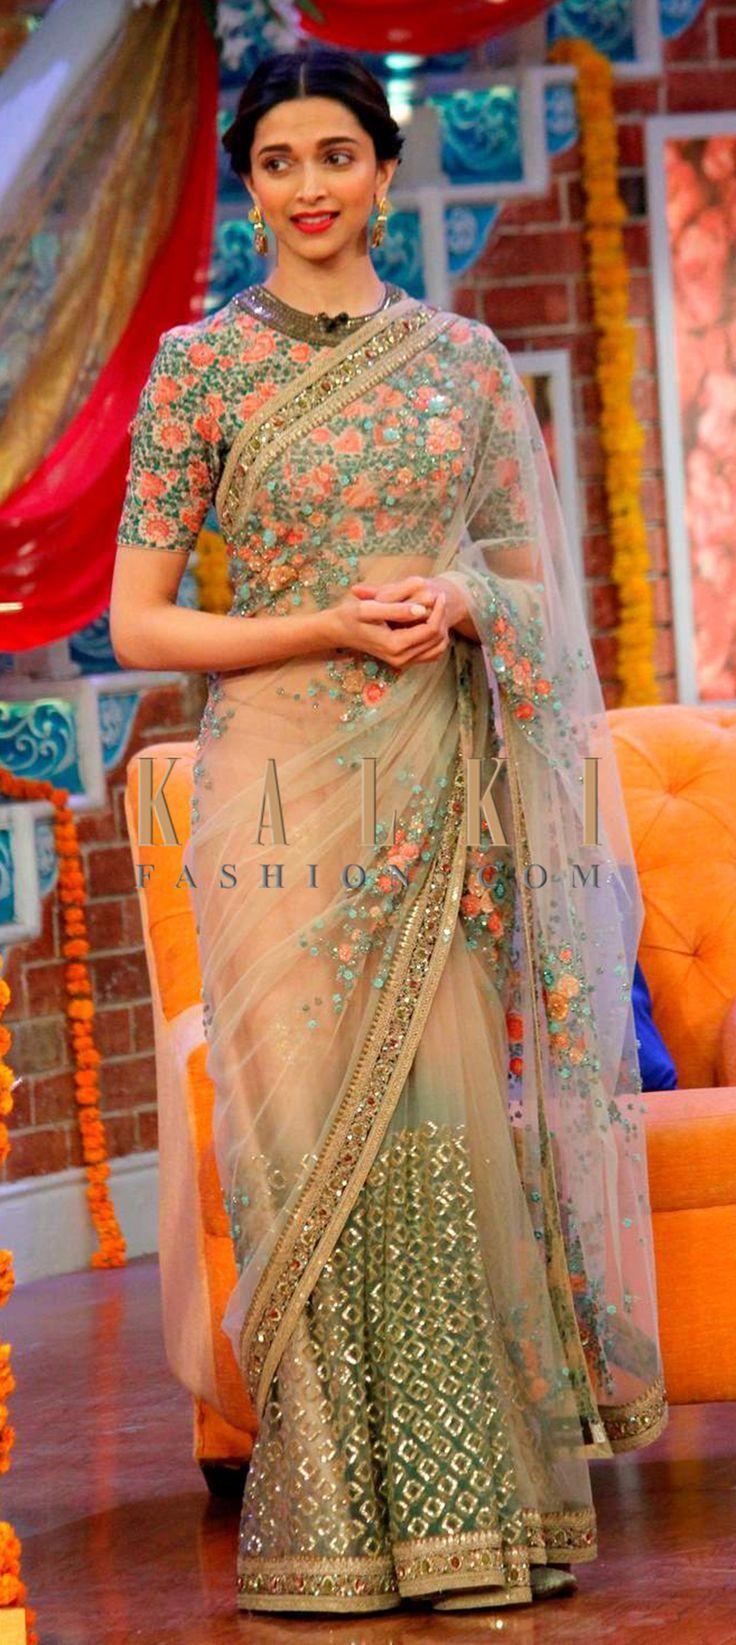 Deepika in a beautiful saree